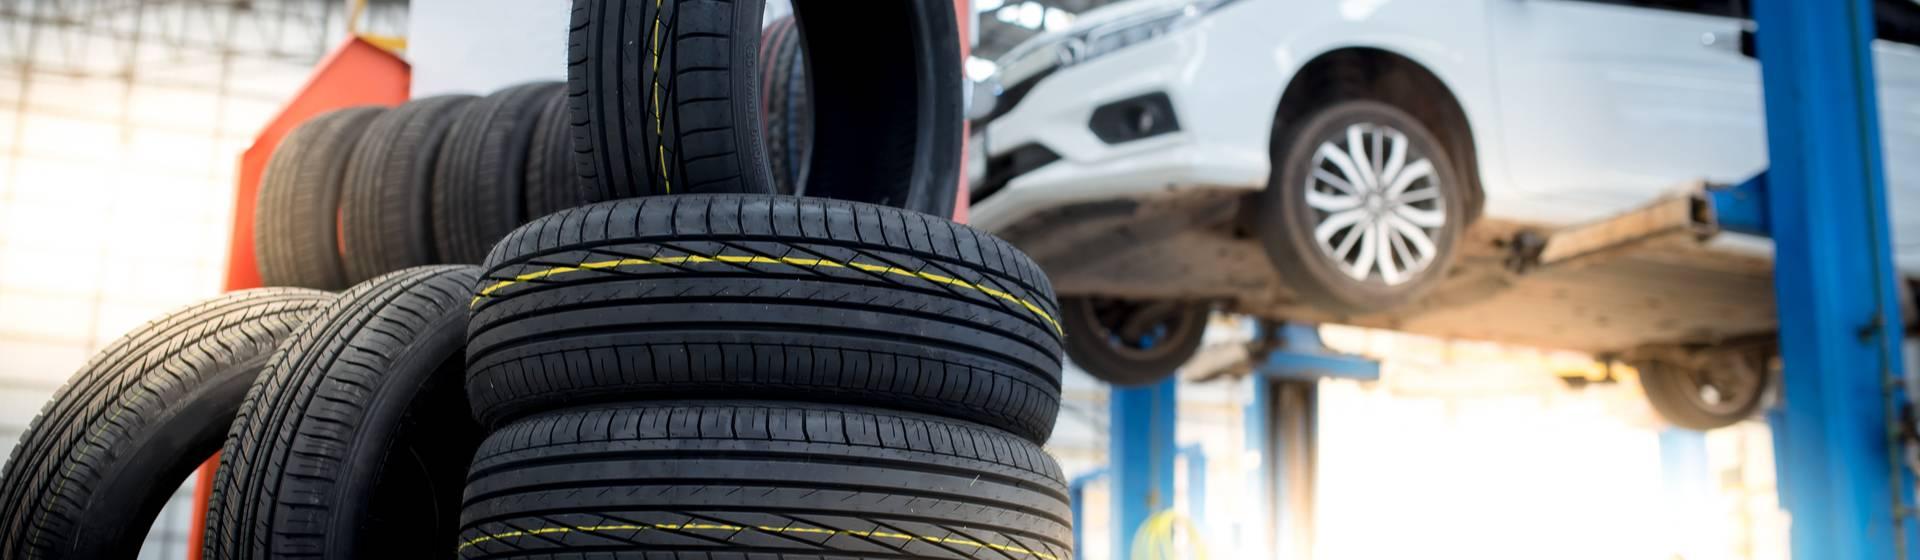 Troca de pneu: quando trocar e como fazer?